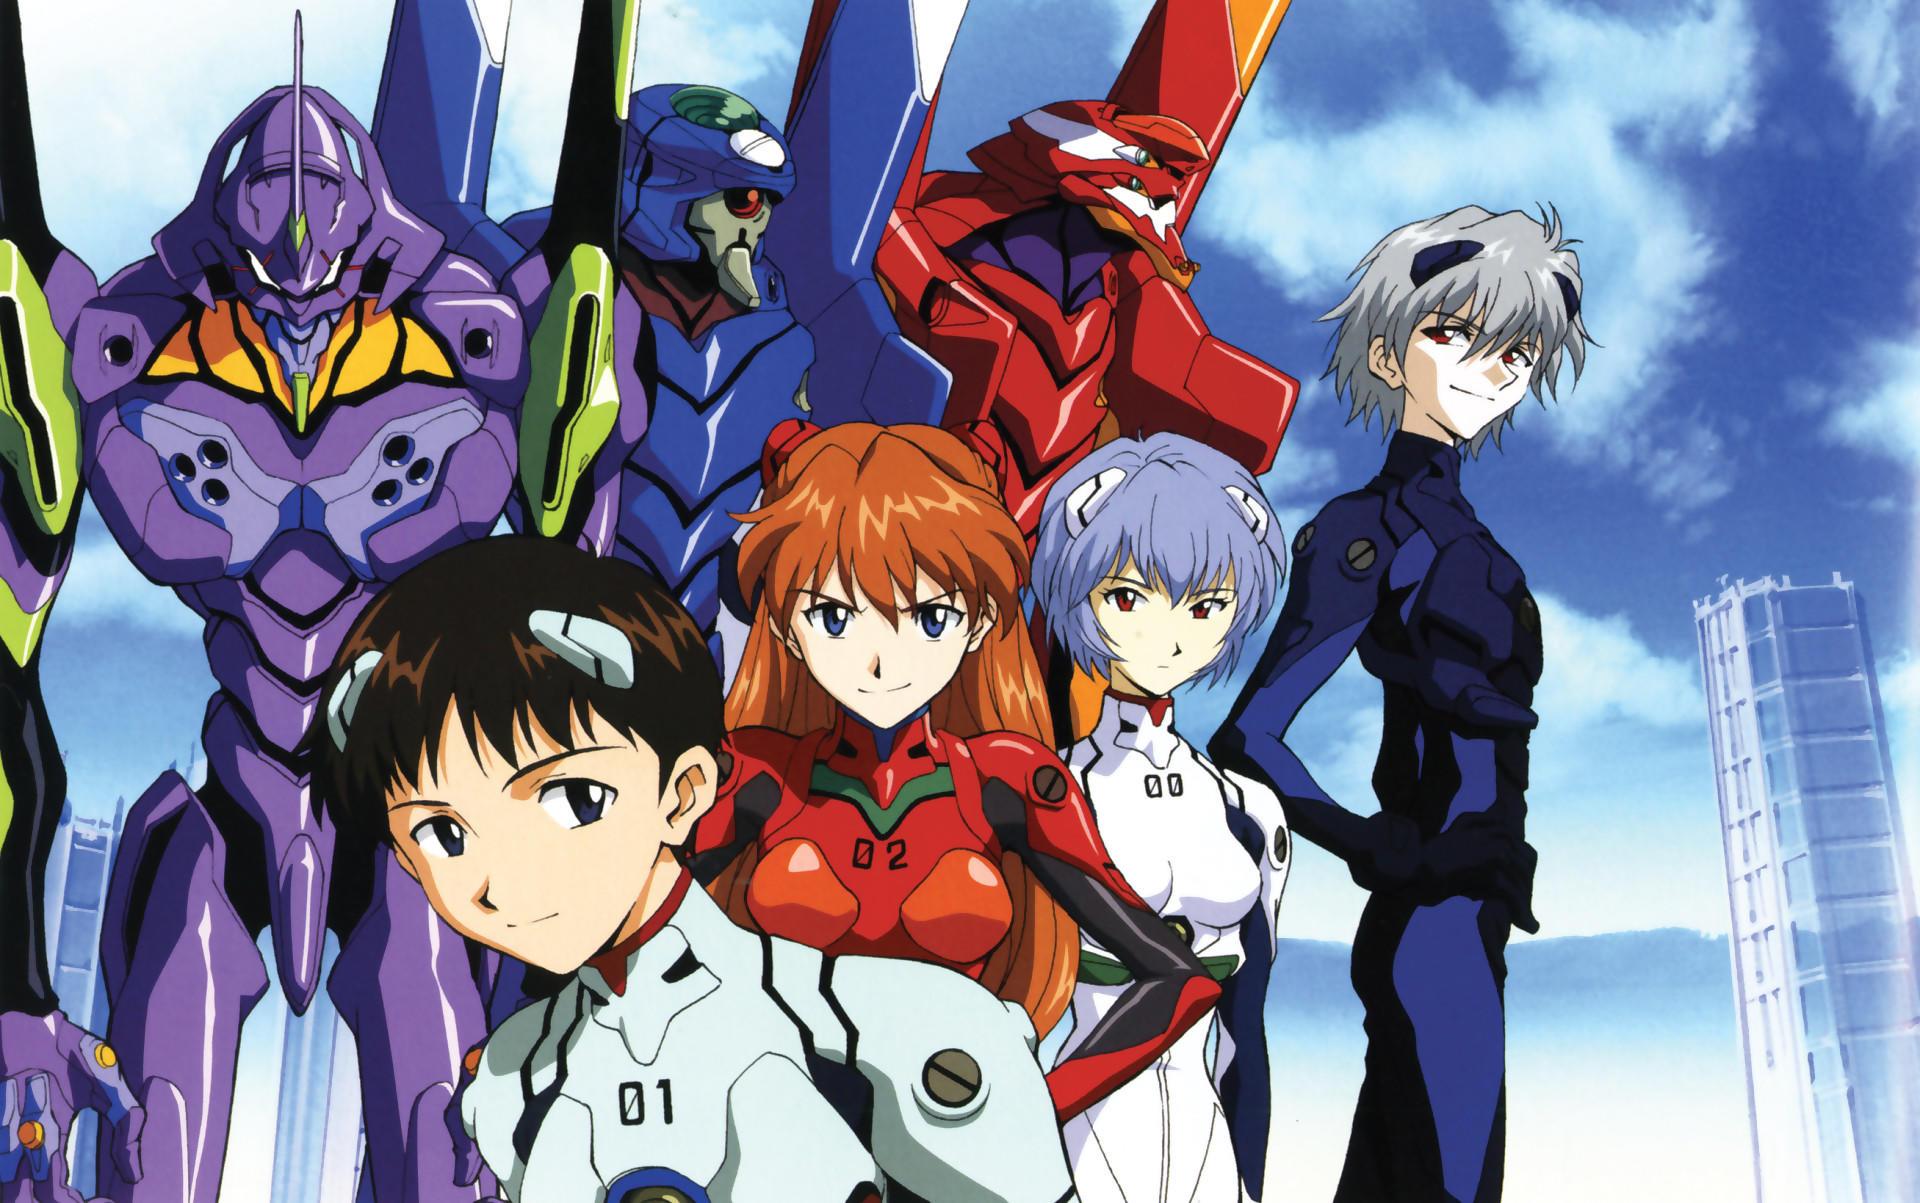 Les principaux personnages d'«Evangelion».